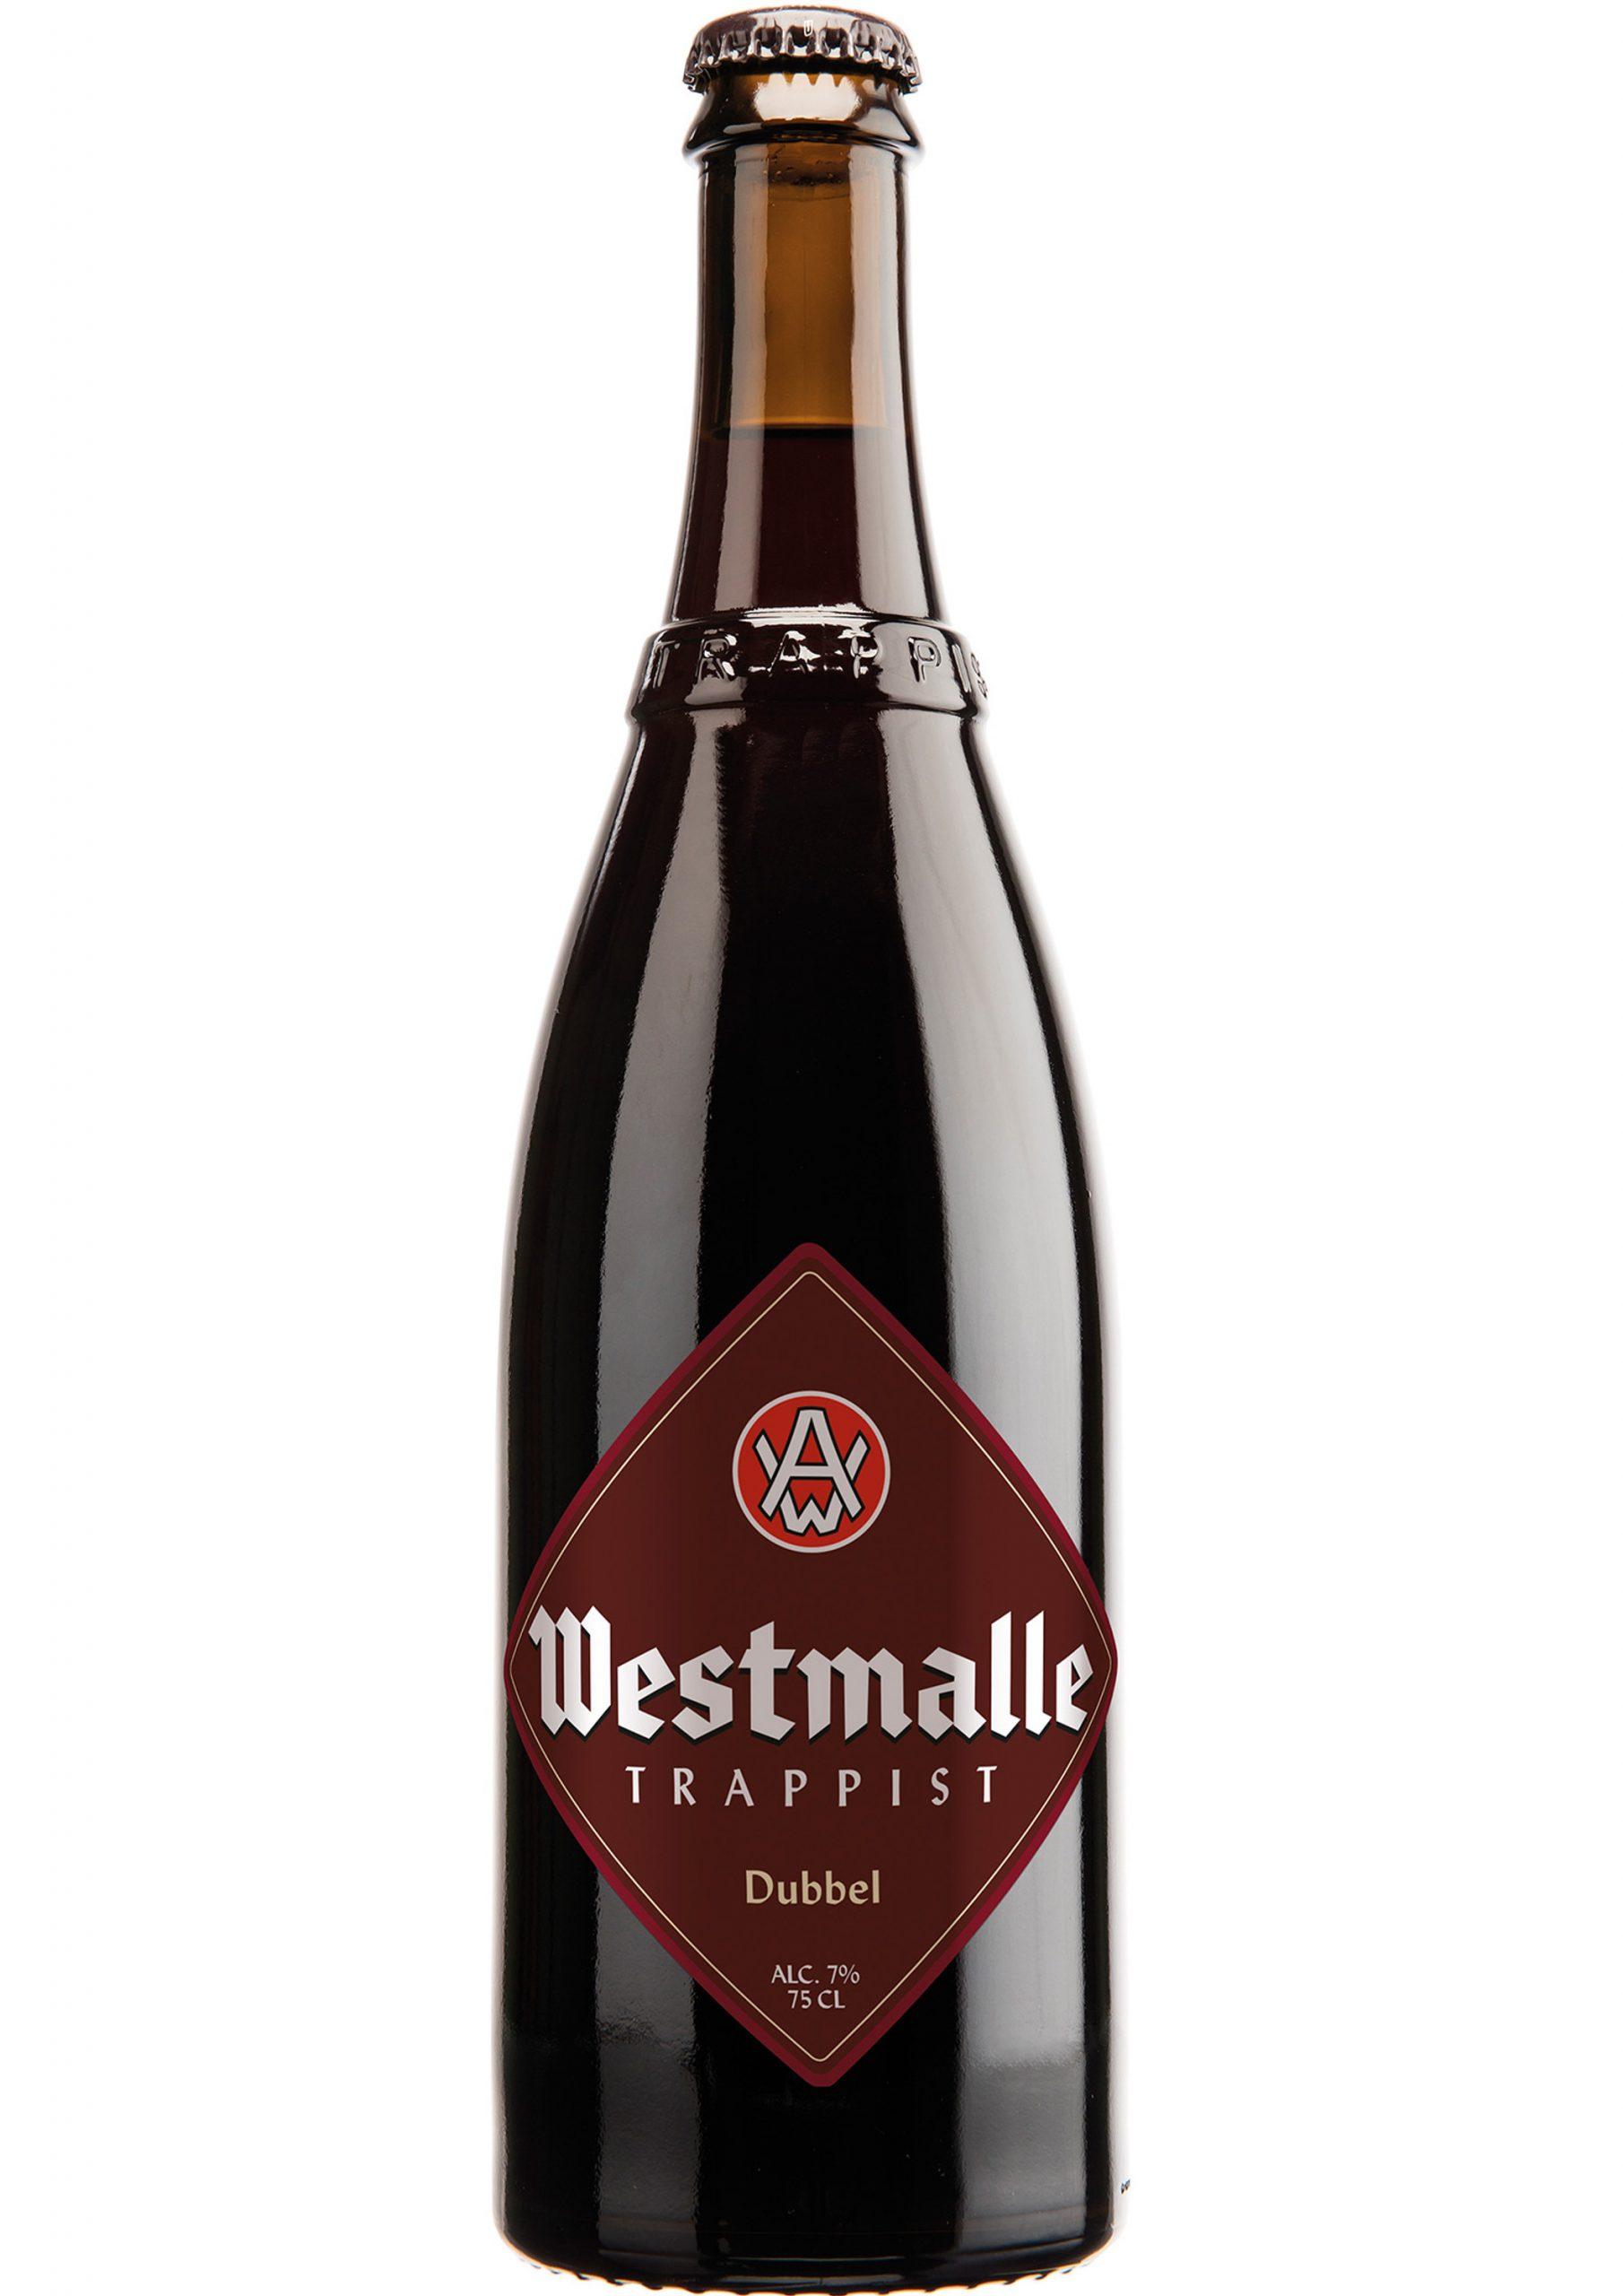 Westmalle-Dubbel-75-cl-Bierflasche